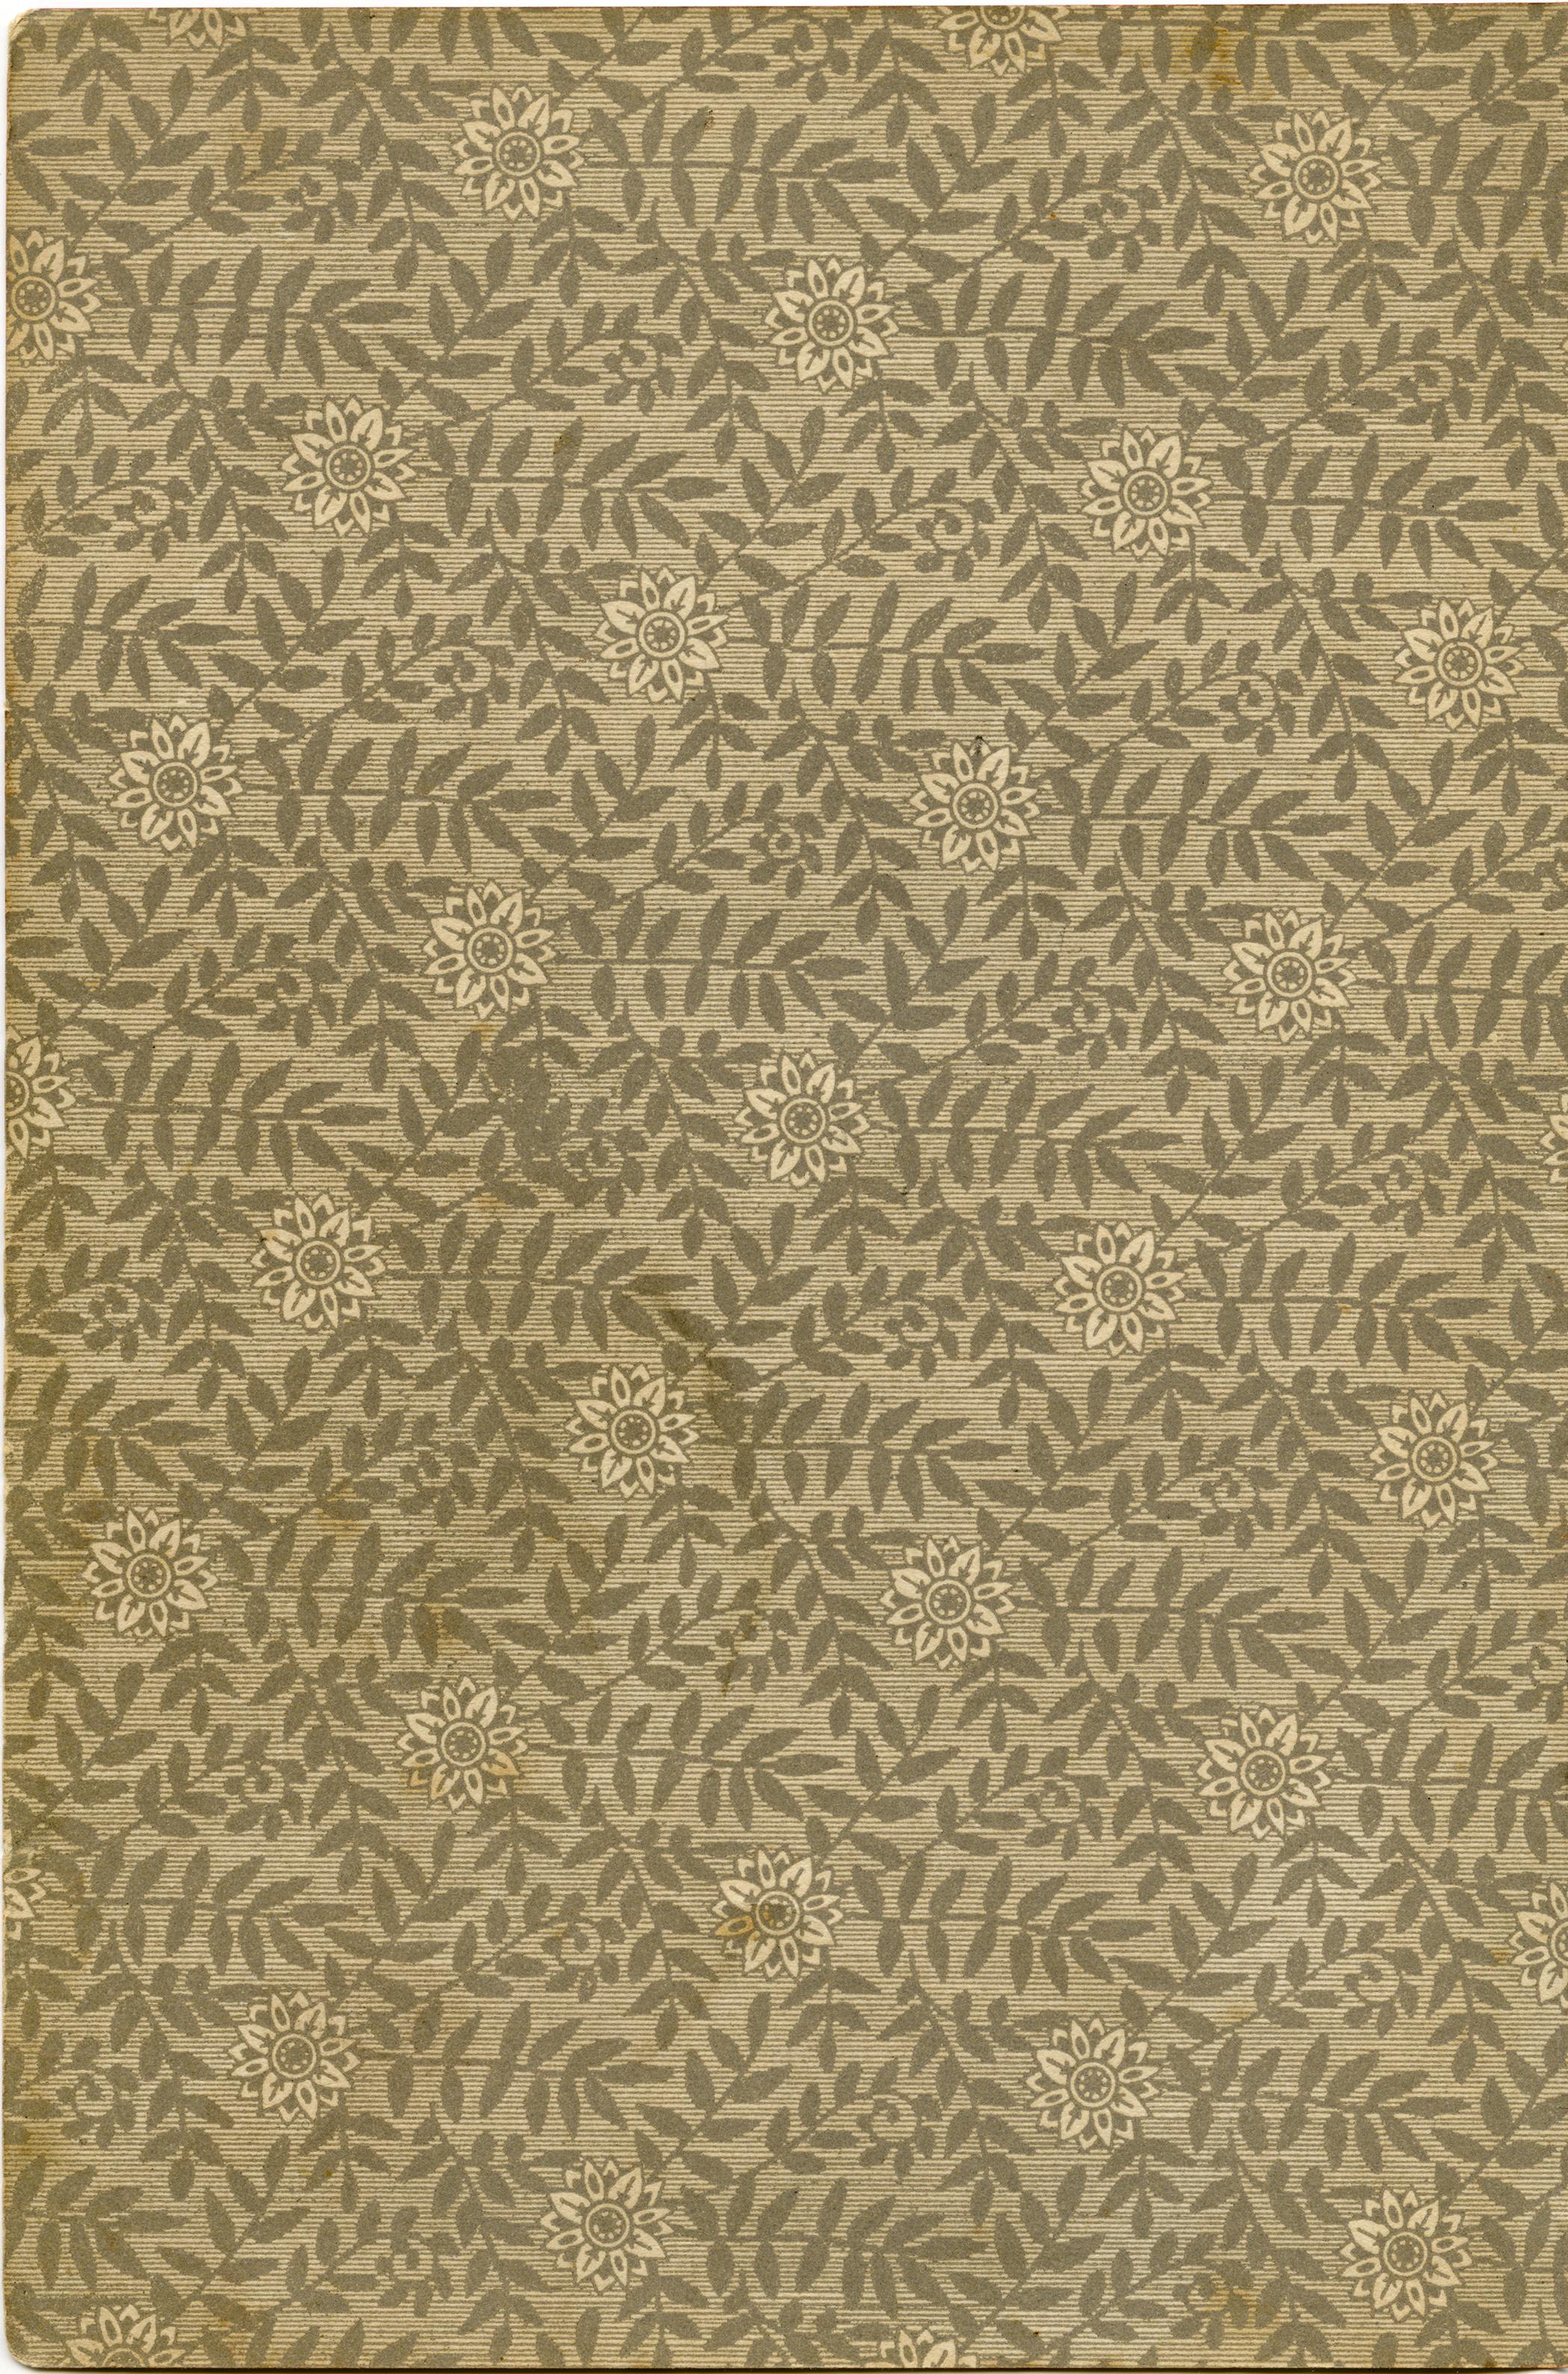 Vintage Floral Design Endpaper Old Design Shop Blog